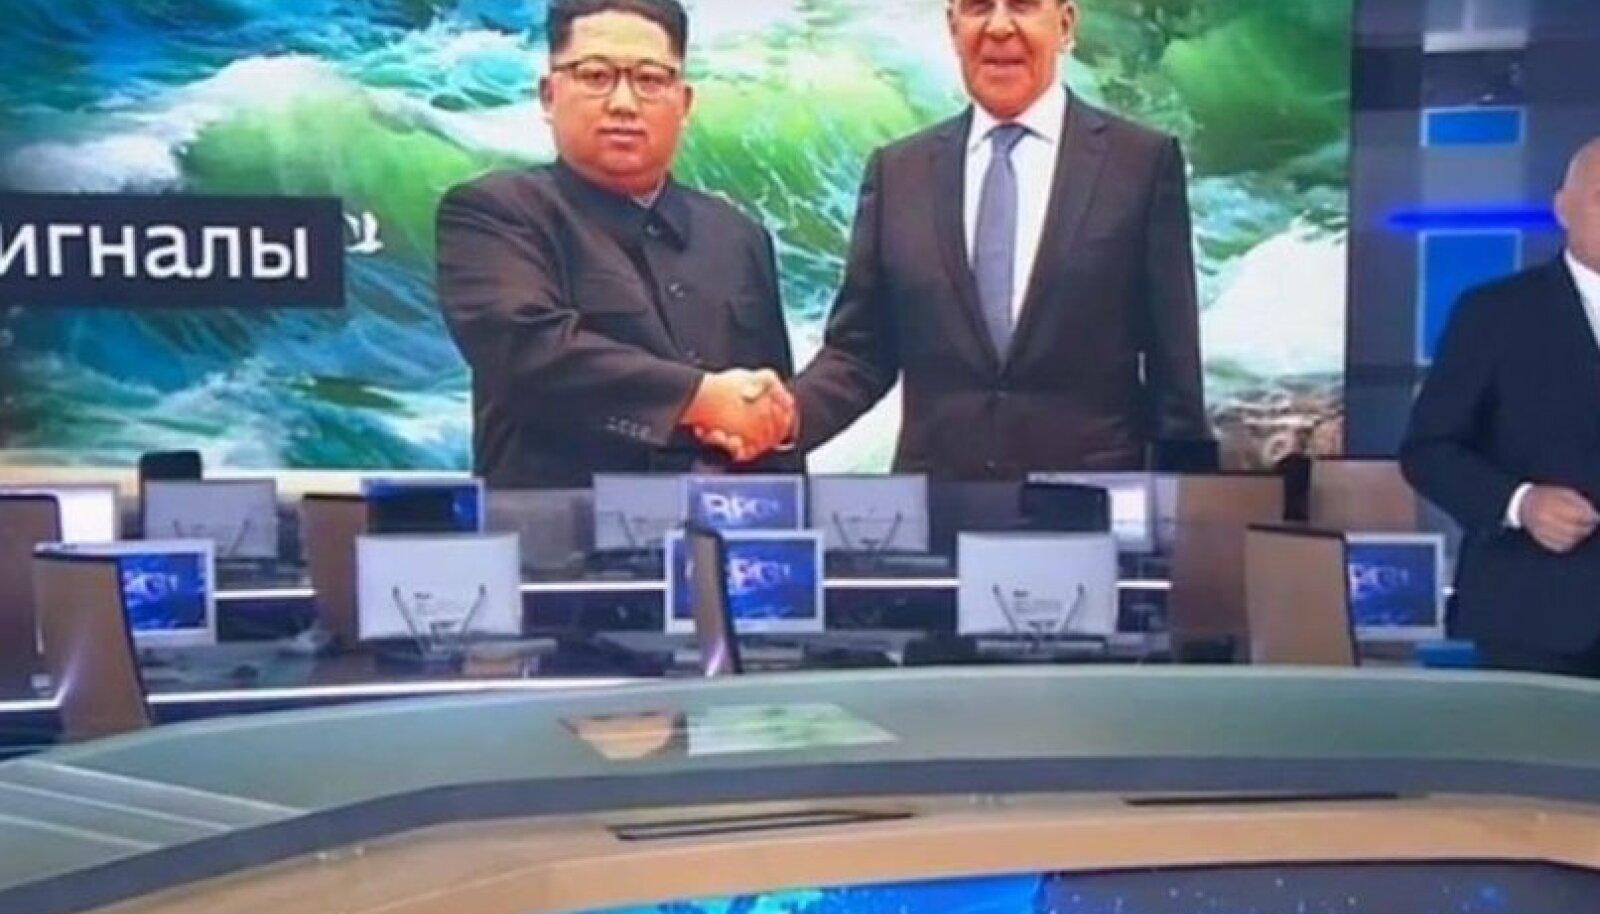 Töödeldud näoga Kim Jong-un ja Sergei Lavrov